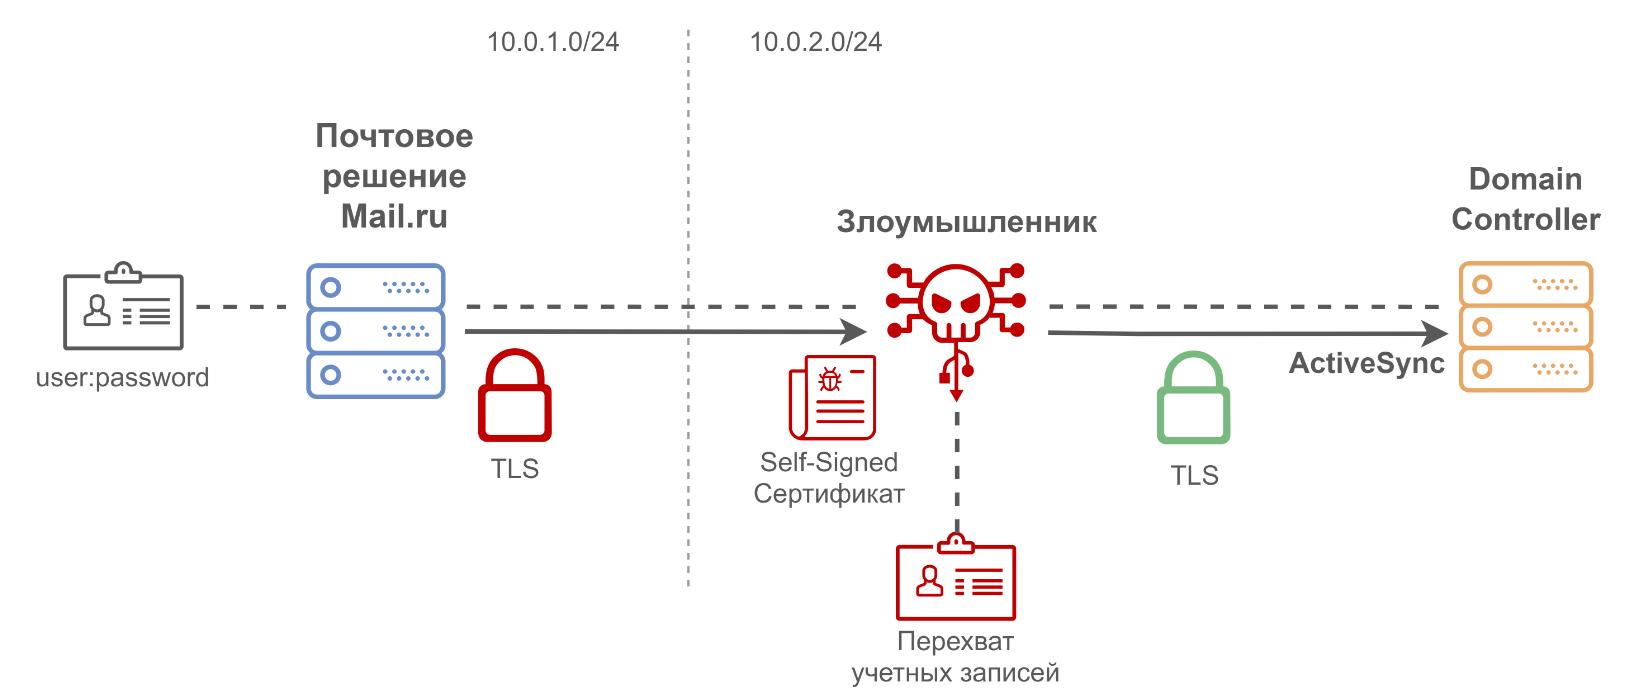 Как мы проводили аудит Корпоративной Почты Mail.ru — нашего нового сервиса для крупного бизнеса - 7